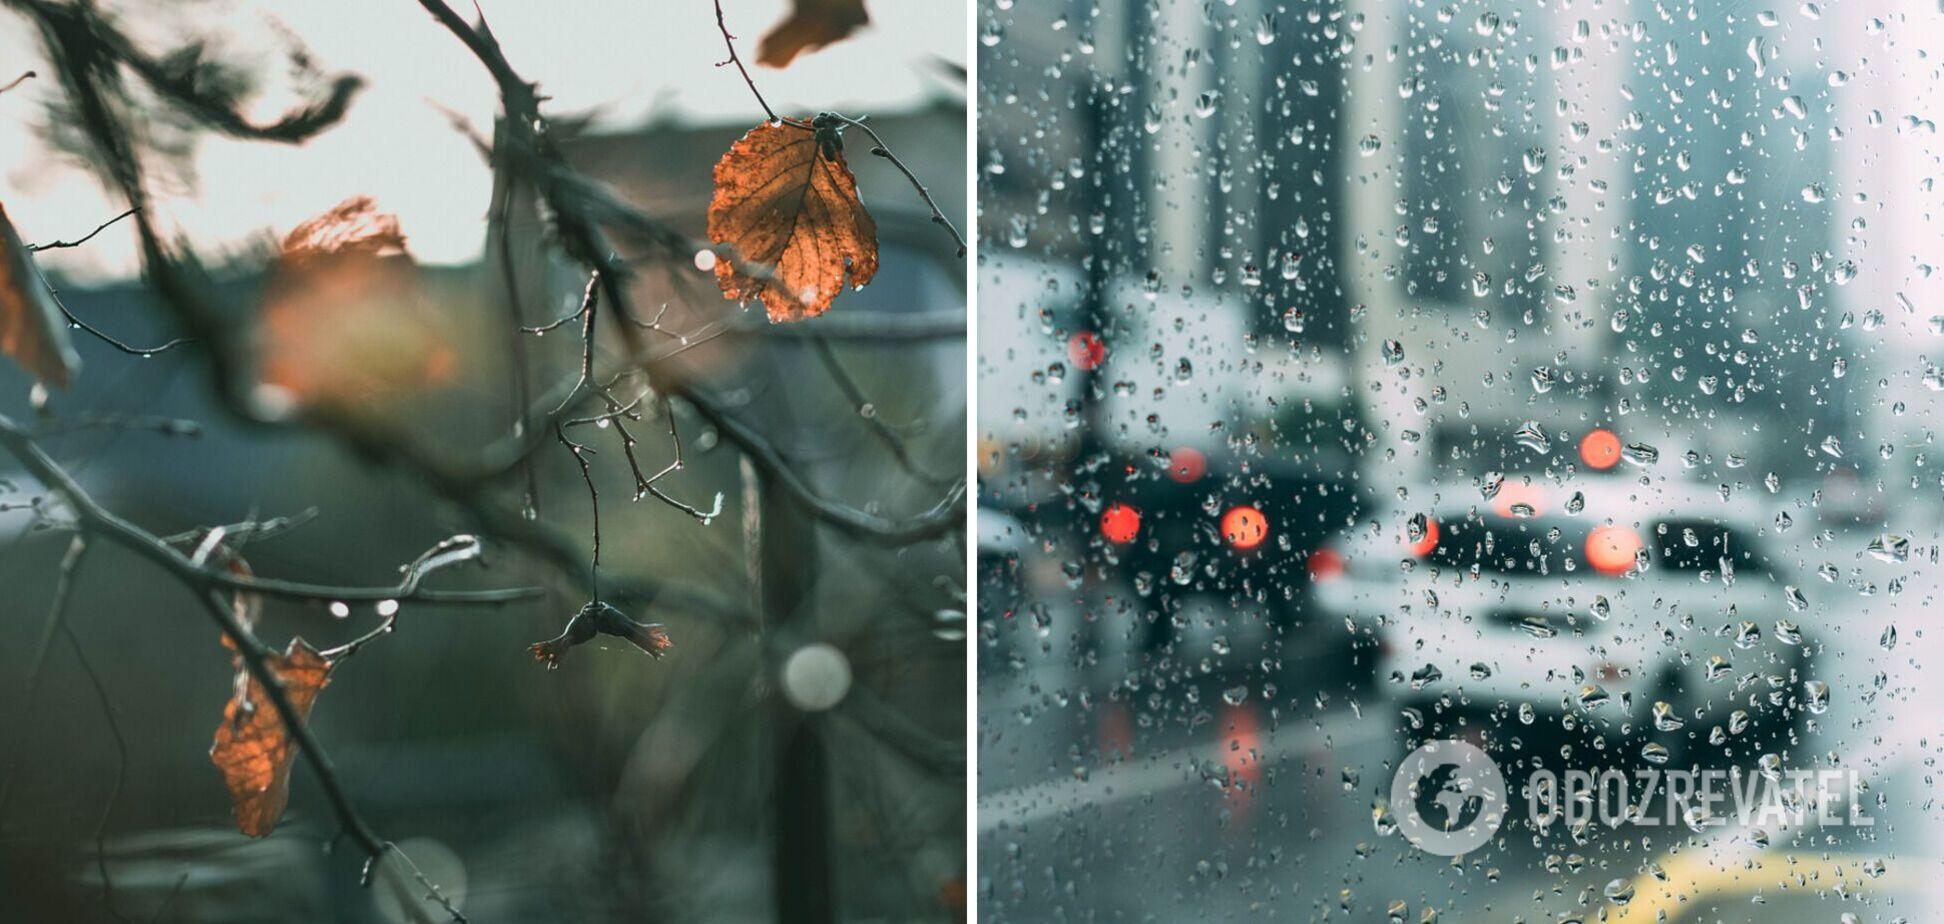 Більшу частину України накриють дощі: прогноз погоди на п'ятницю. Карта